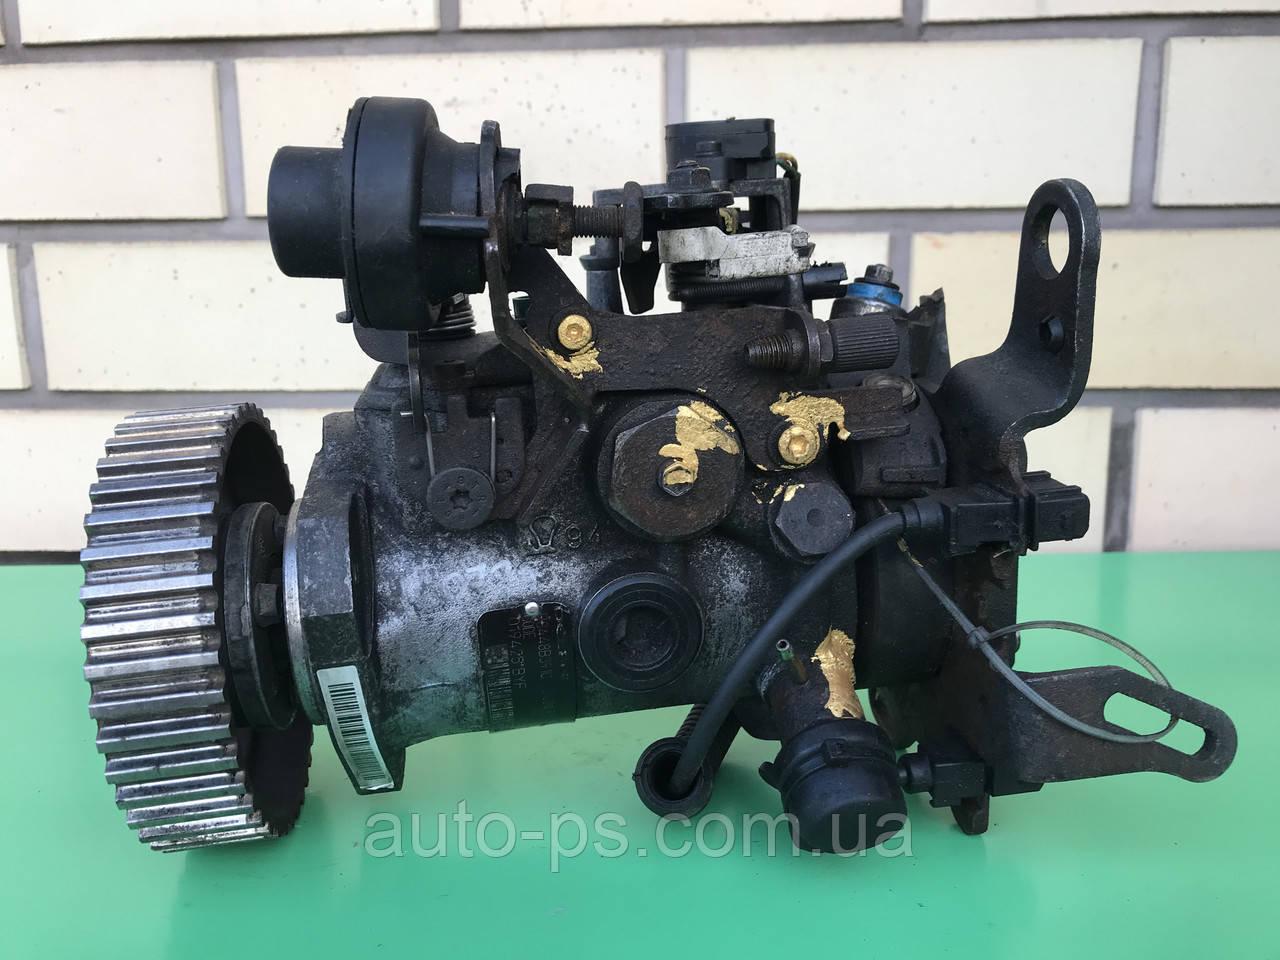 Топливный насос высокого давления (ТНВД) Citroen Jumpy 1.9D 1995-2006 год